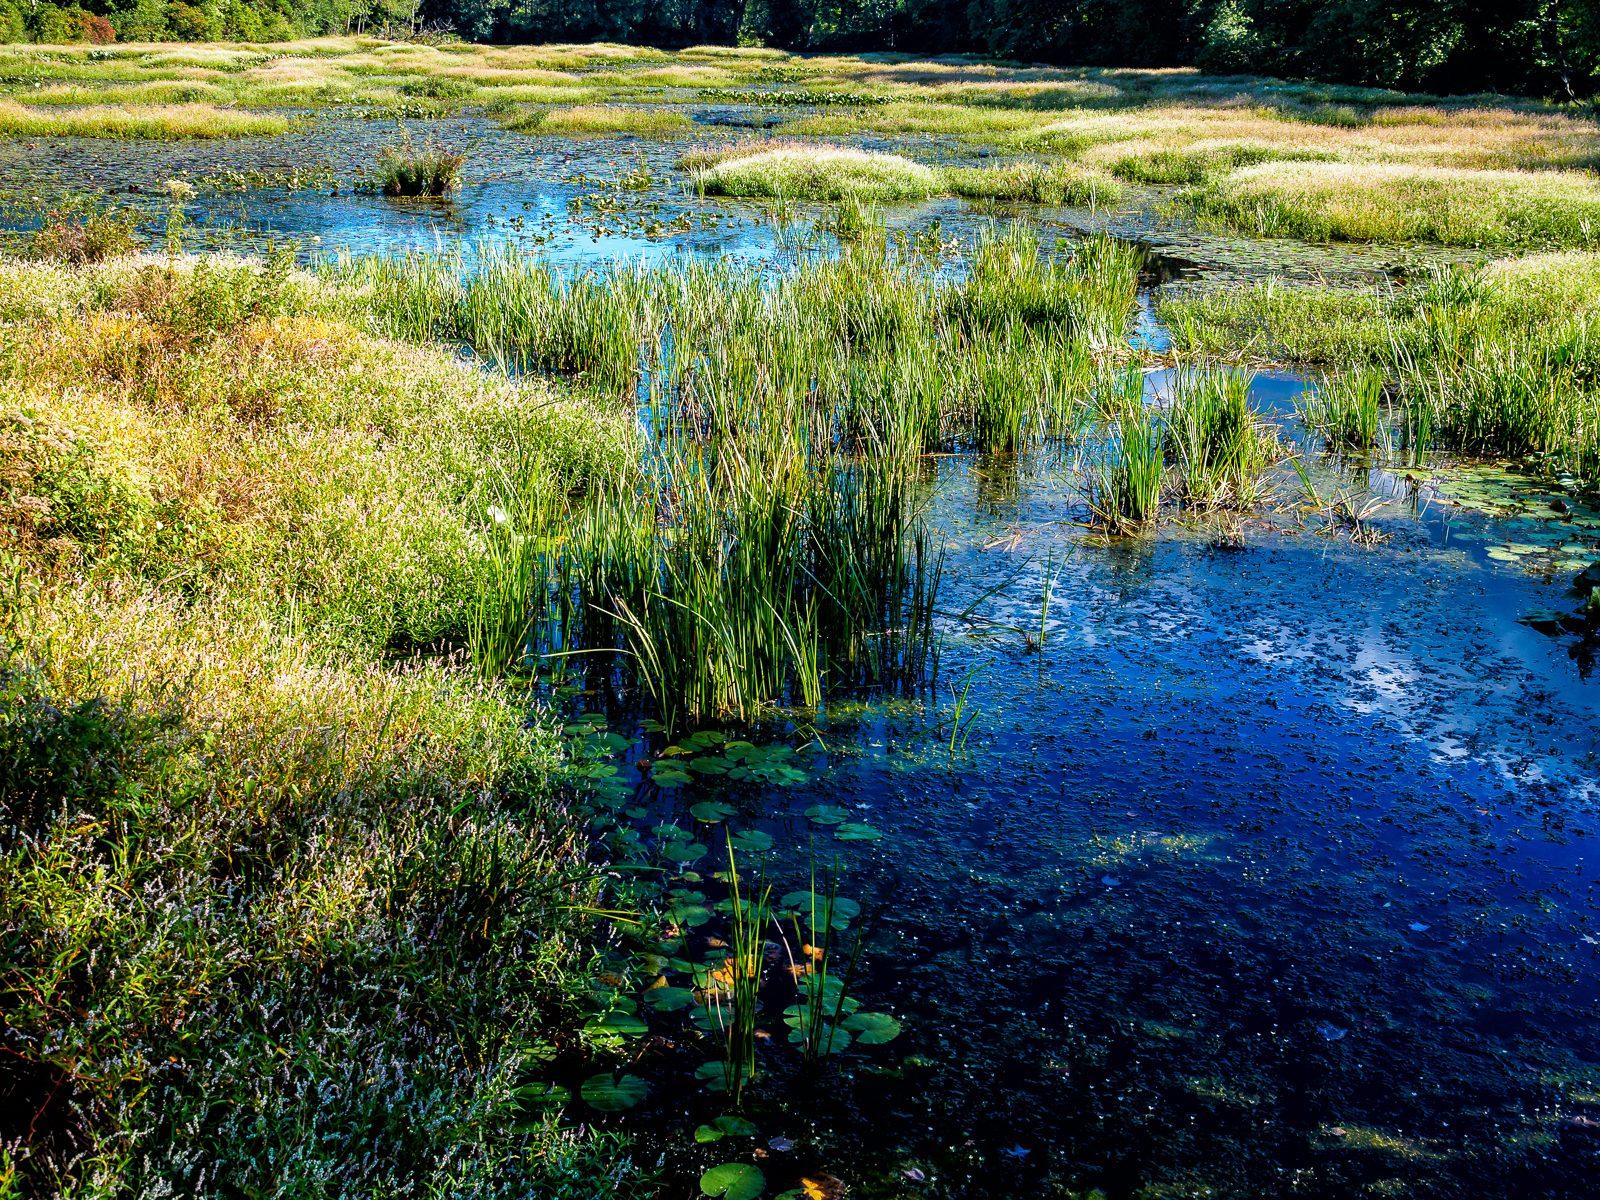 jackson-meadows-landscape-3